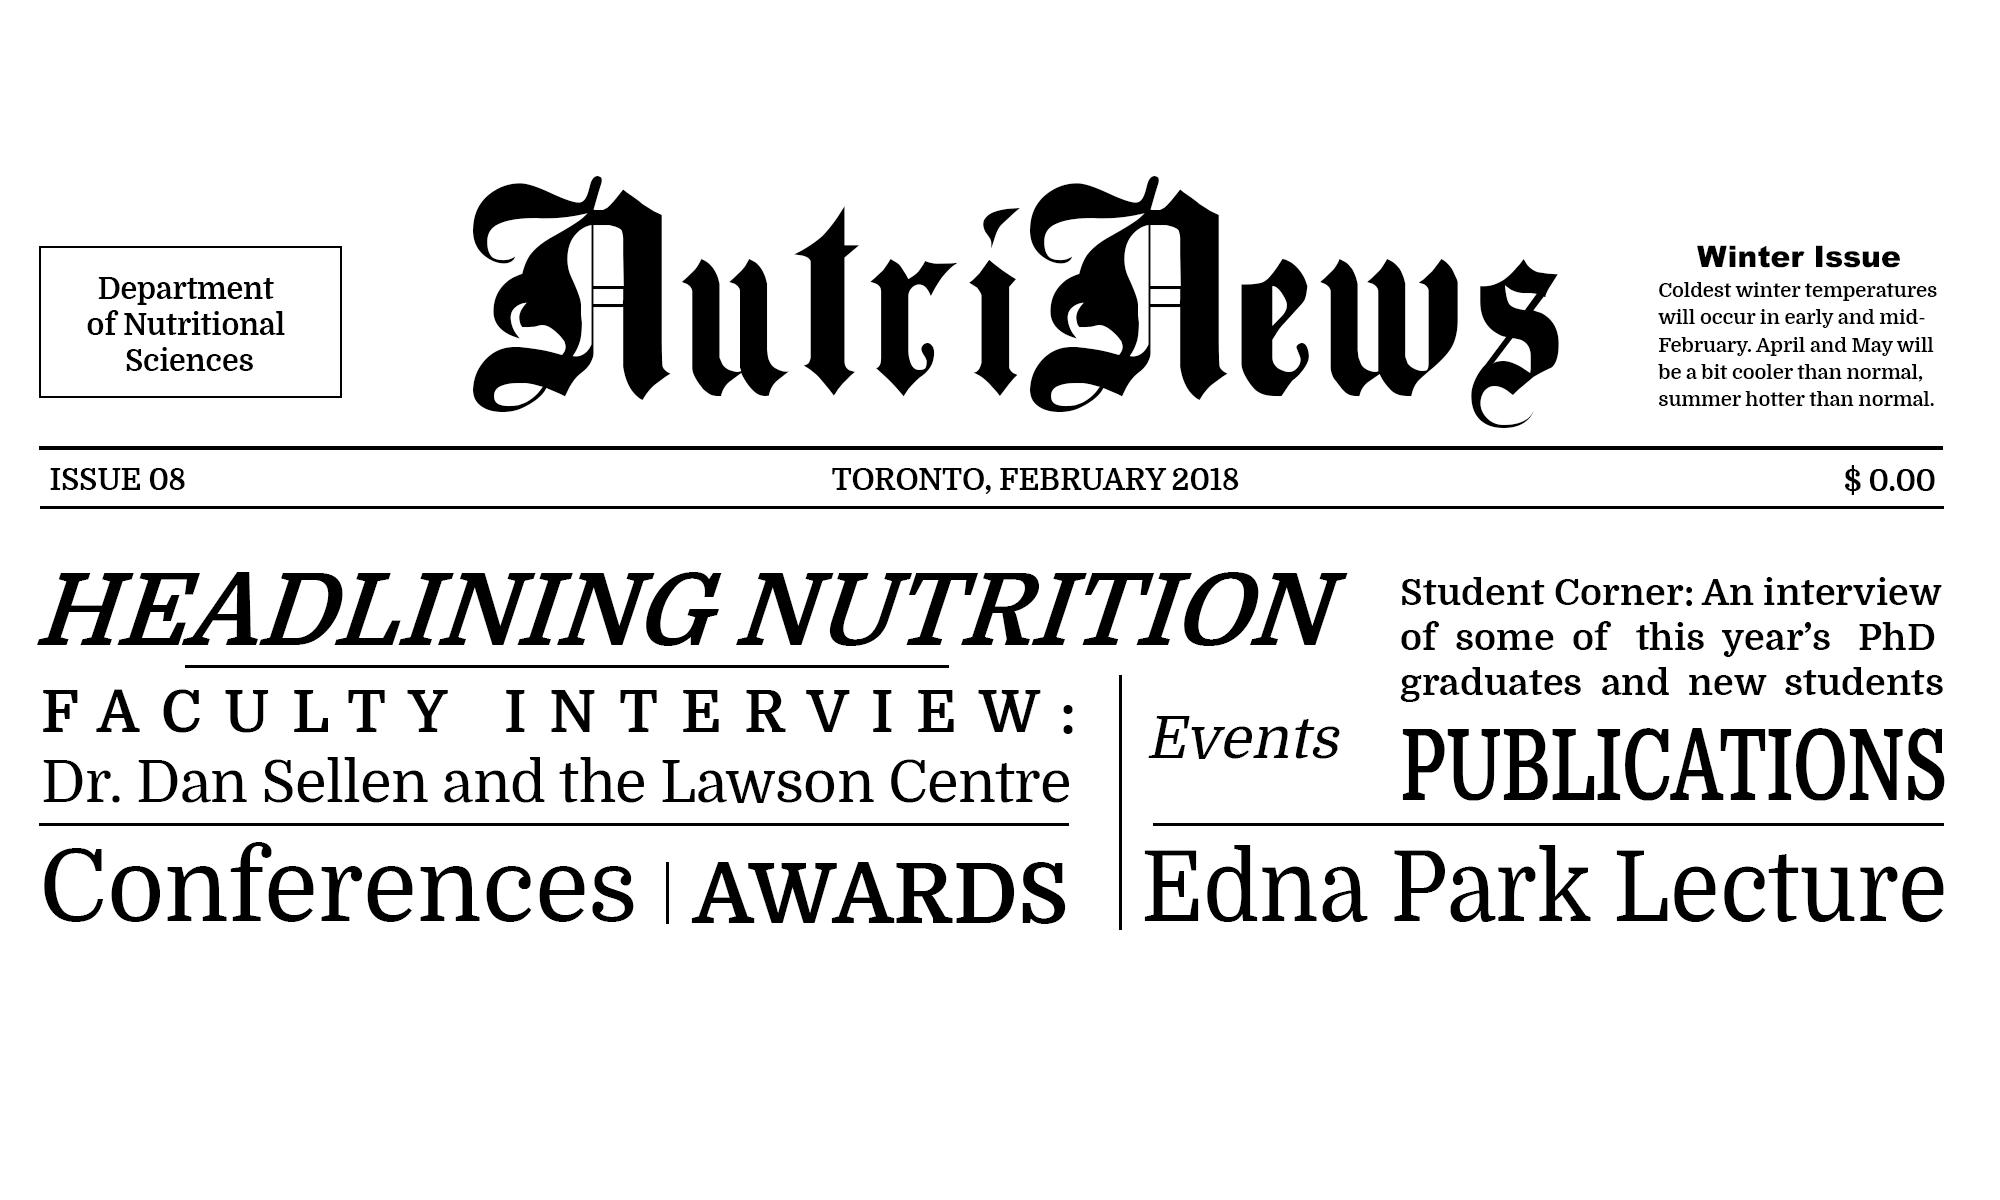 NutriNews